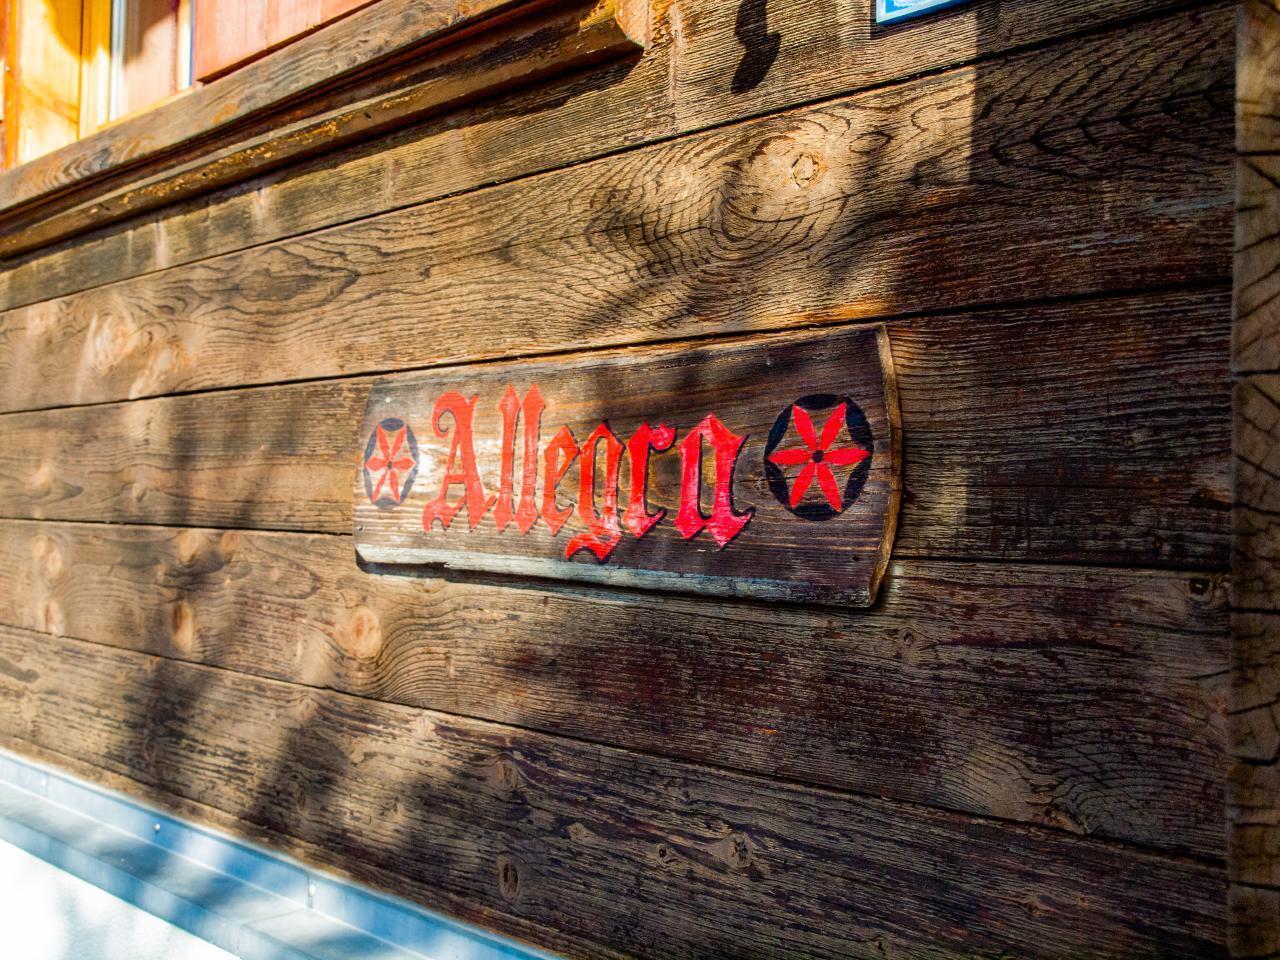 Ferienwohnung Chalet Allegra | Ferienwohnung in den Alpen (2245630), Rosswald, Brig - Simplon, Wallis, Schweiz, Bild 18